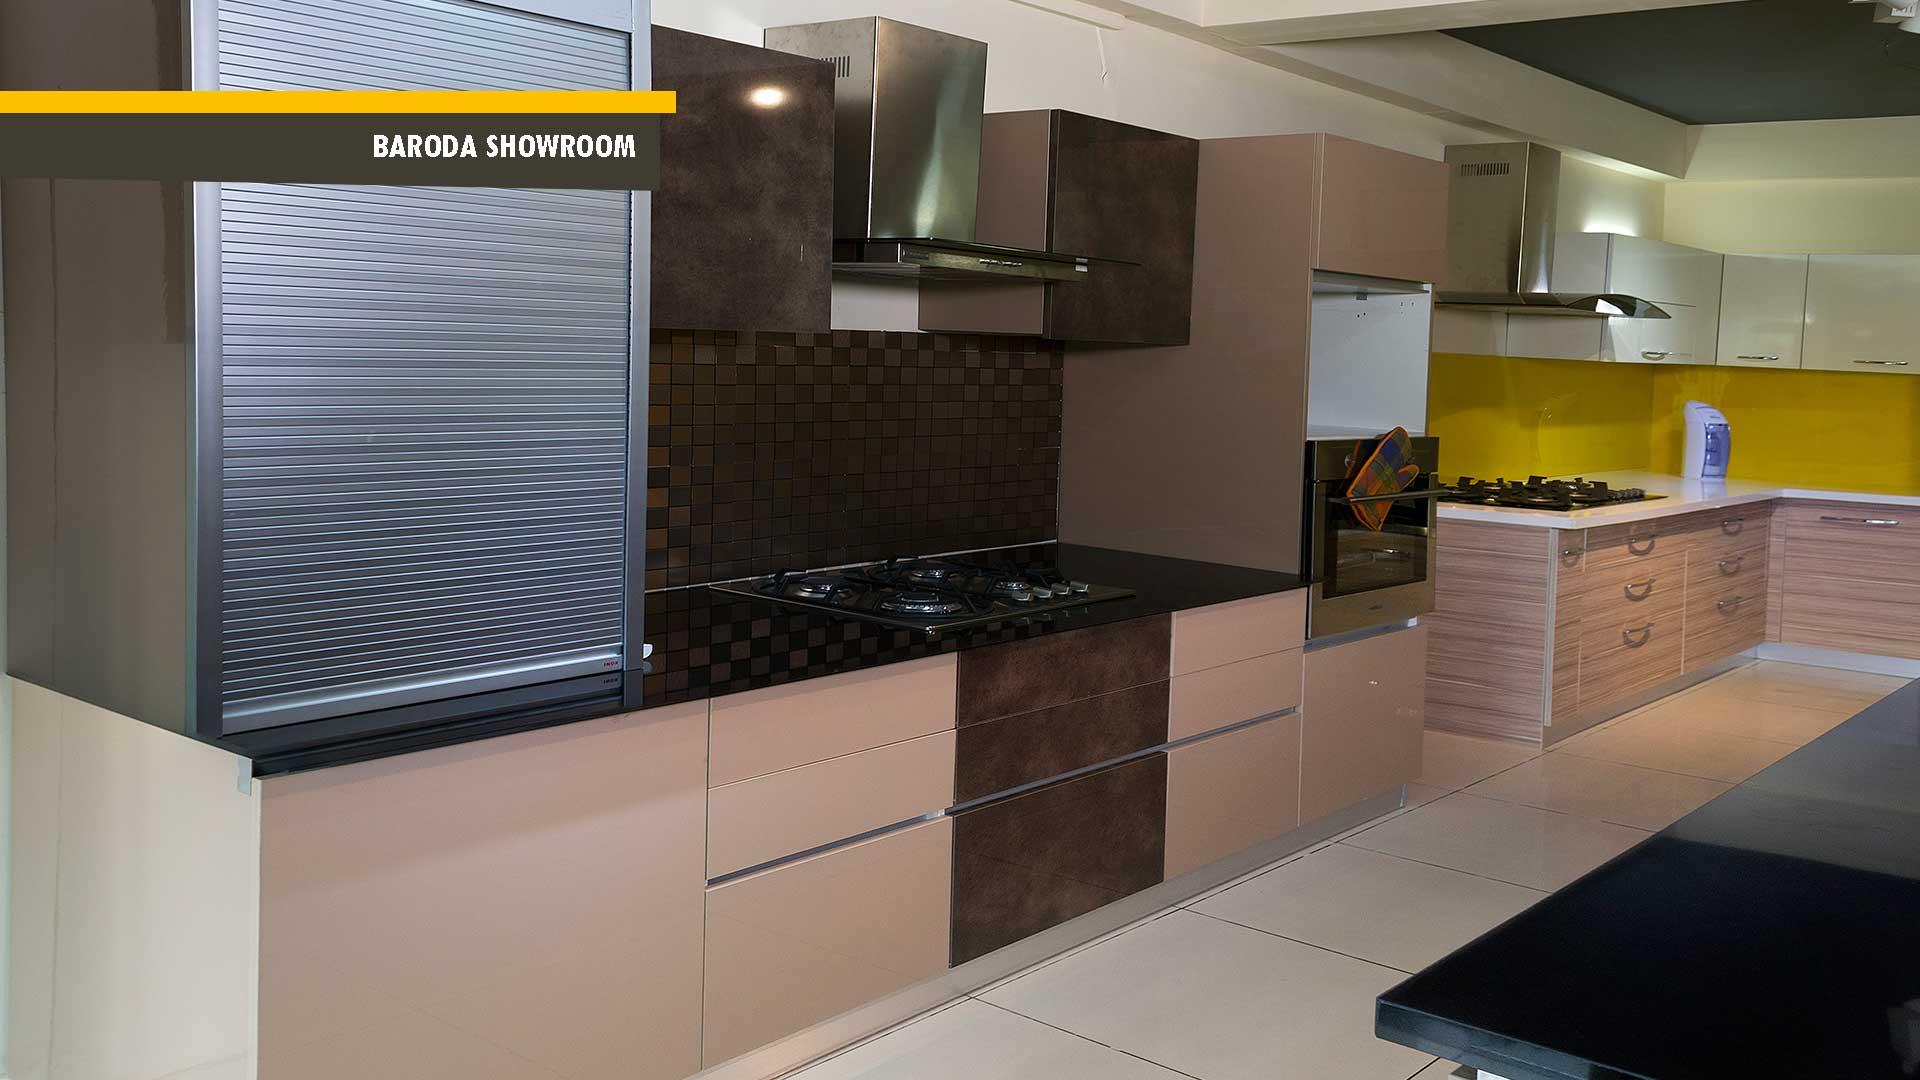 Modular Kitchens Vadodara  Buy Online Modular Kitchens Baroda